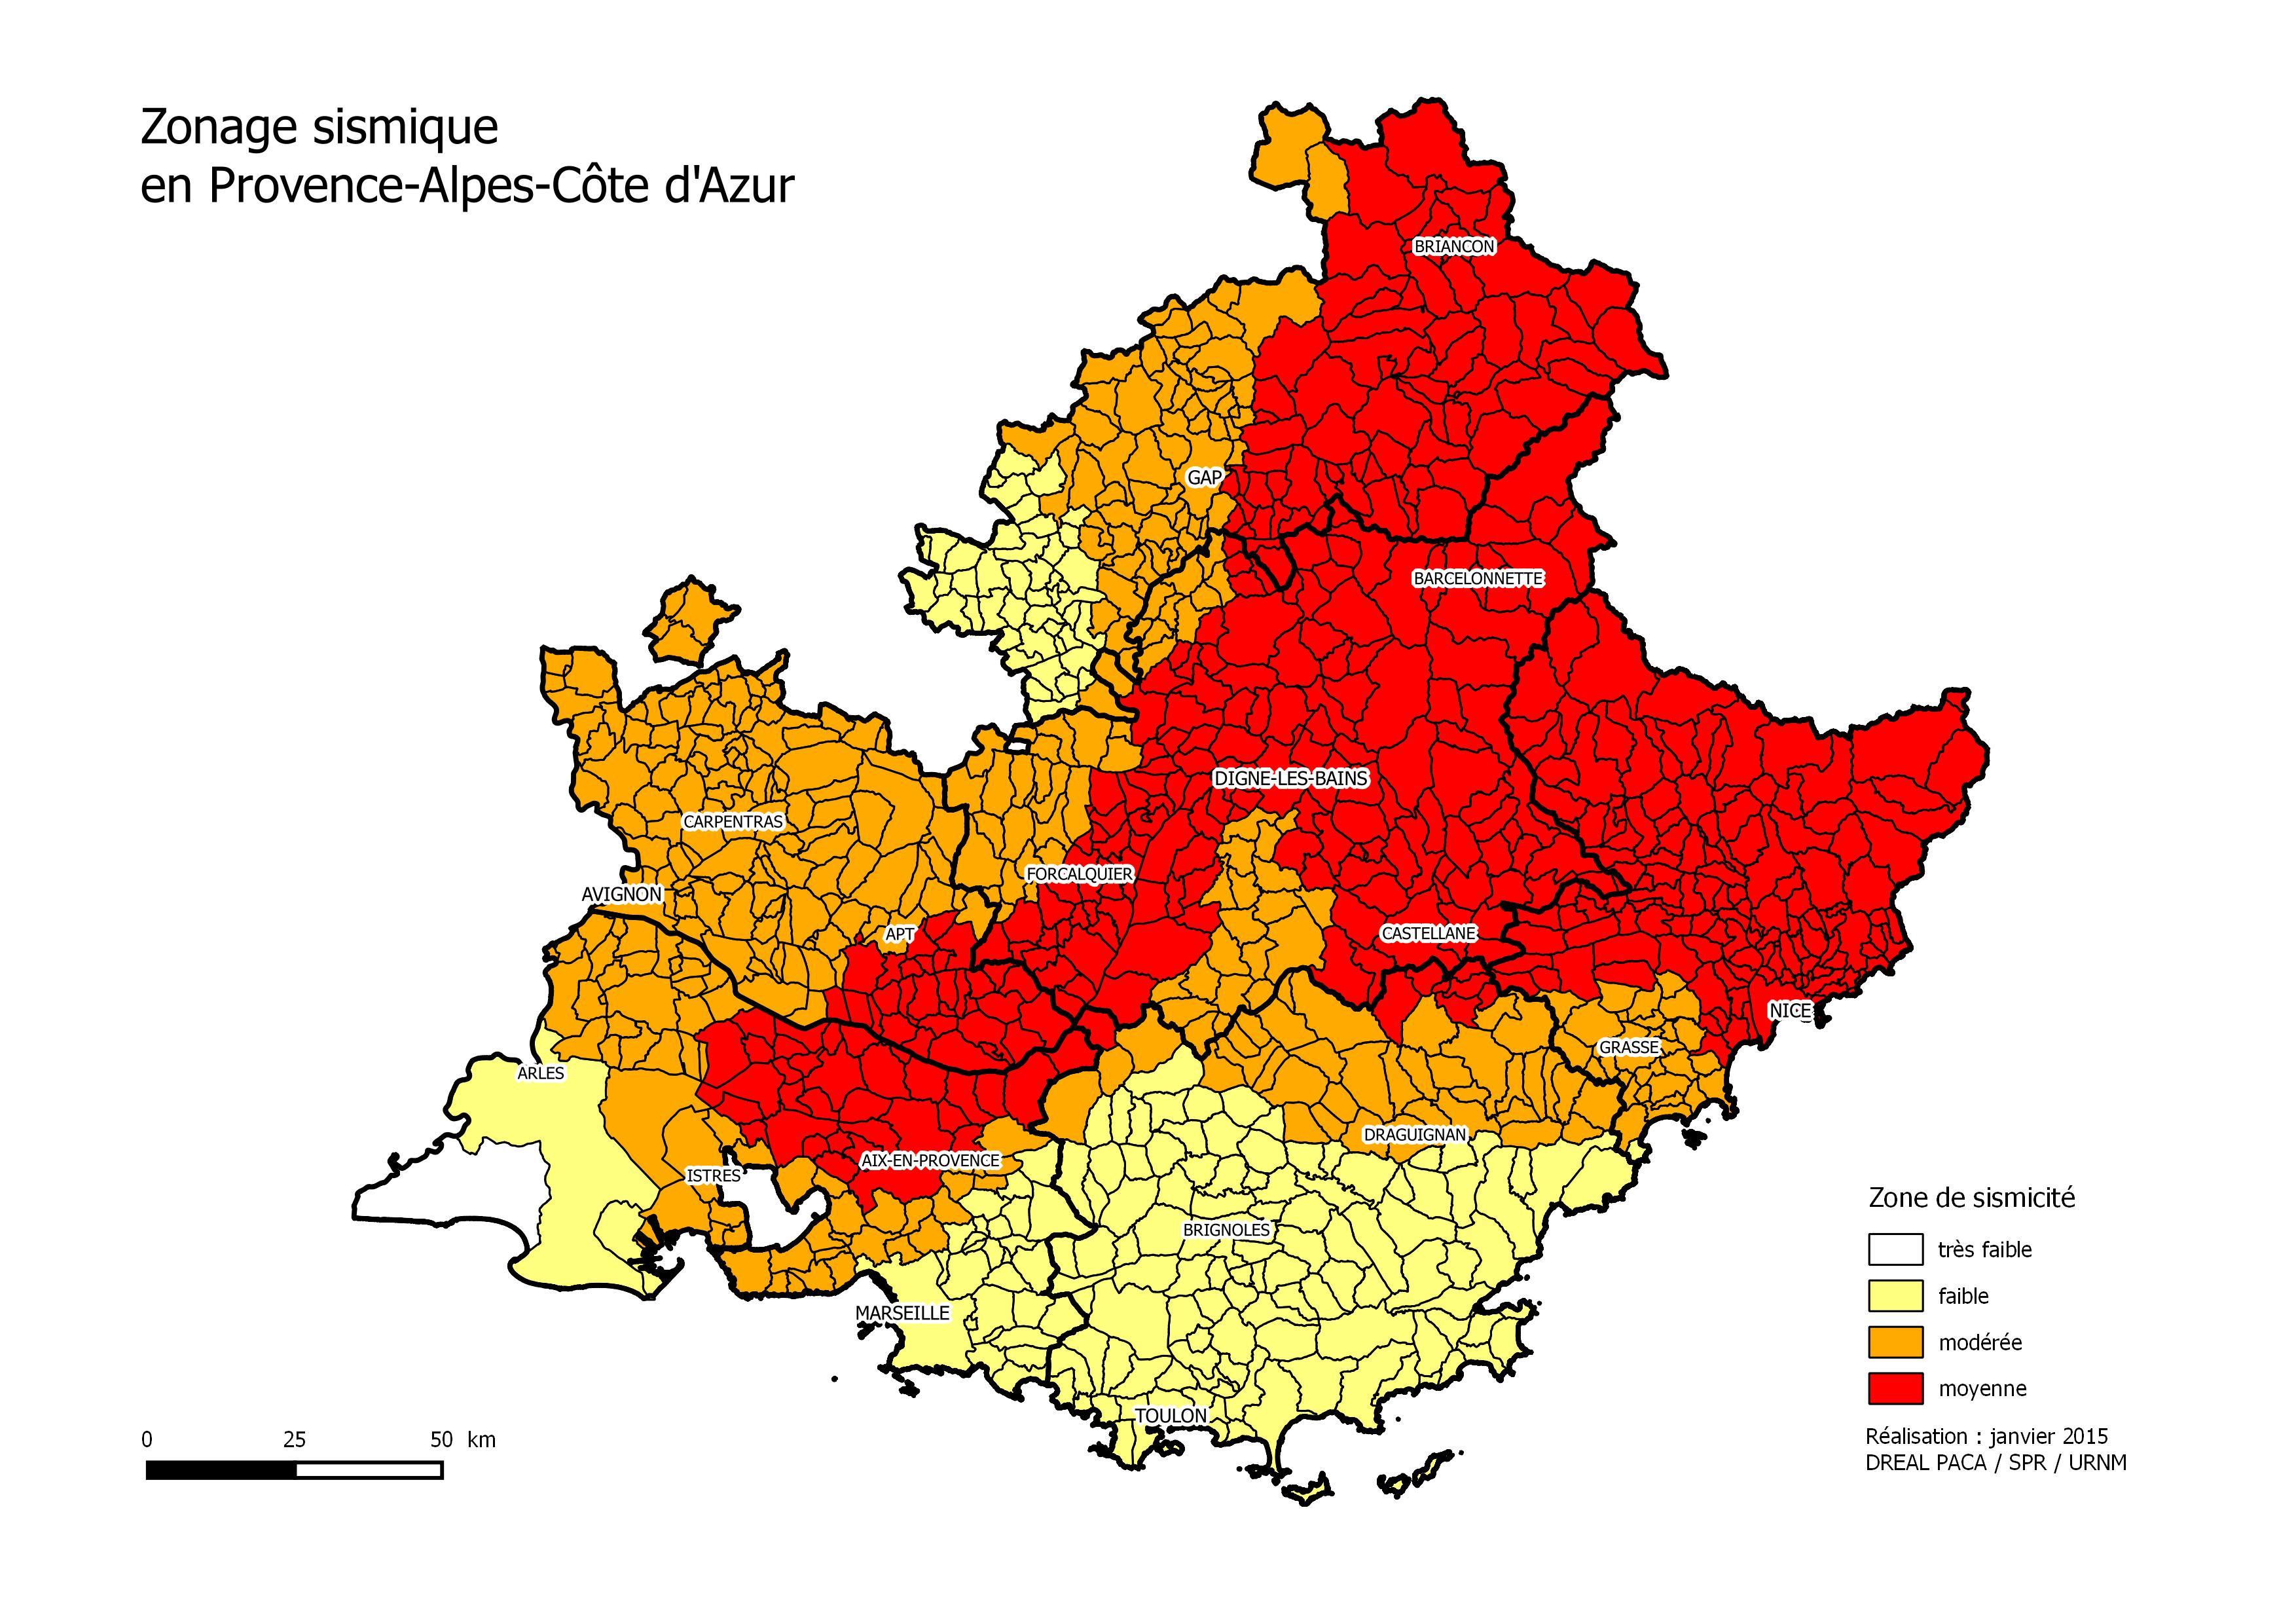 Le ph nom ne s isme les risques naturels le dossier for Les bouches du rhone